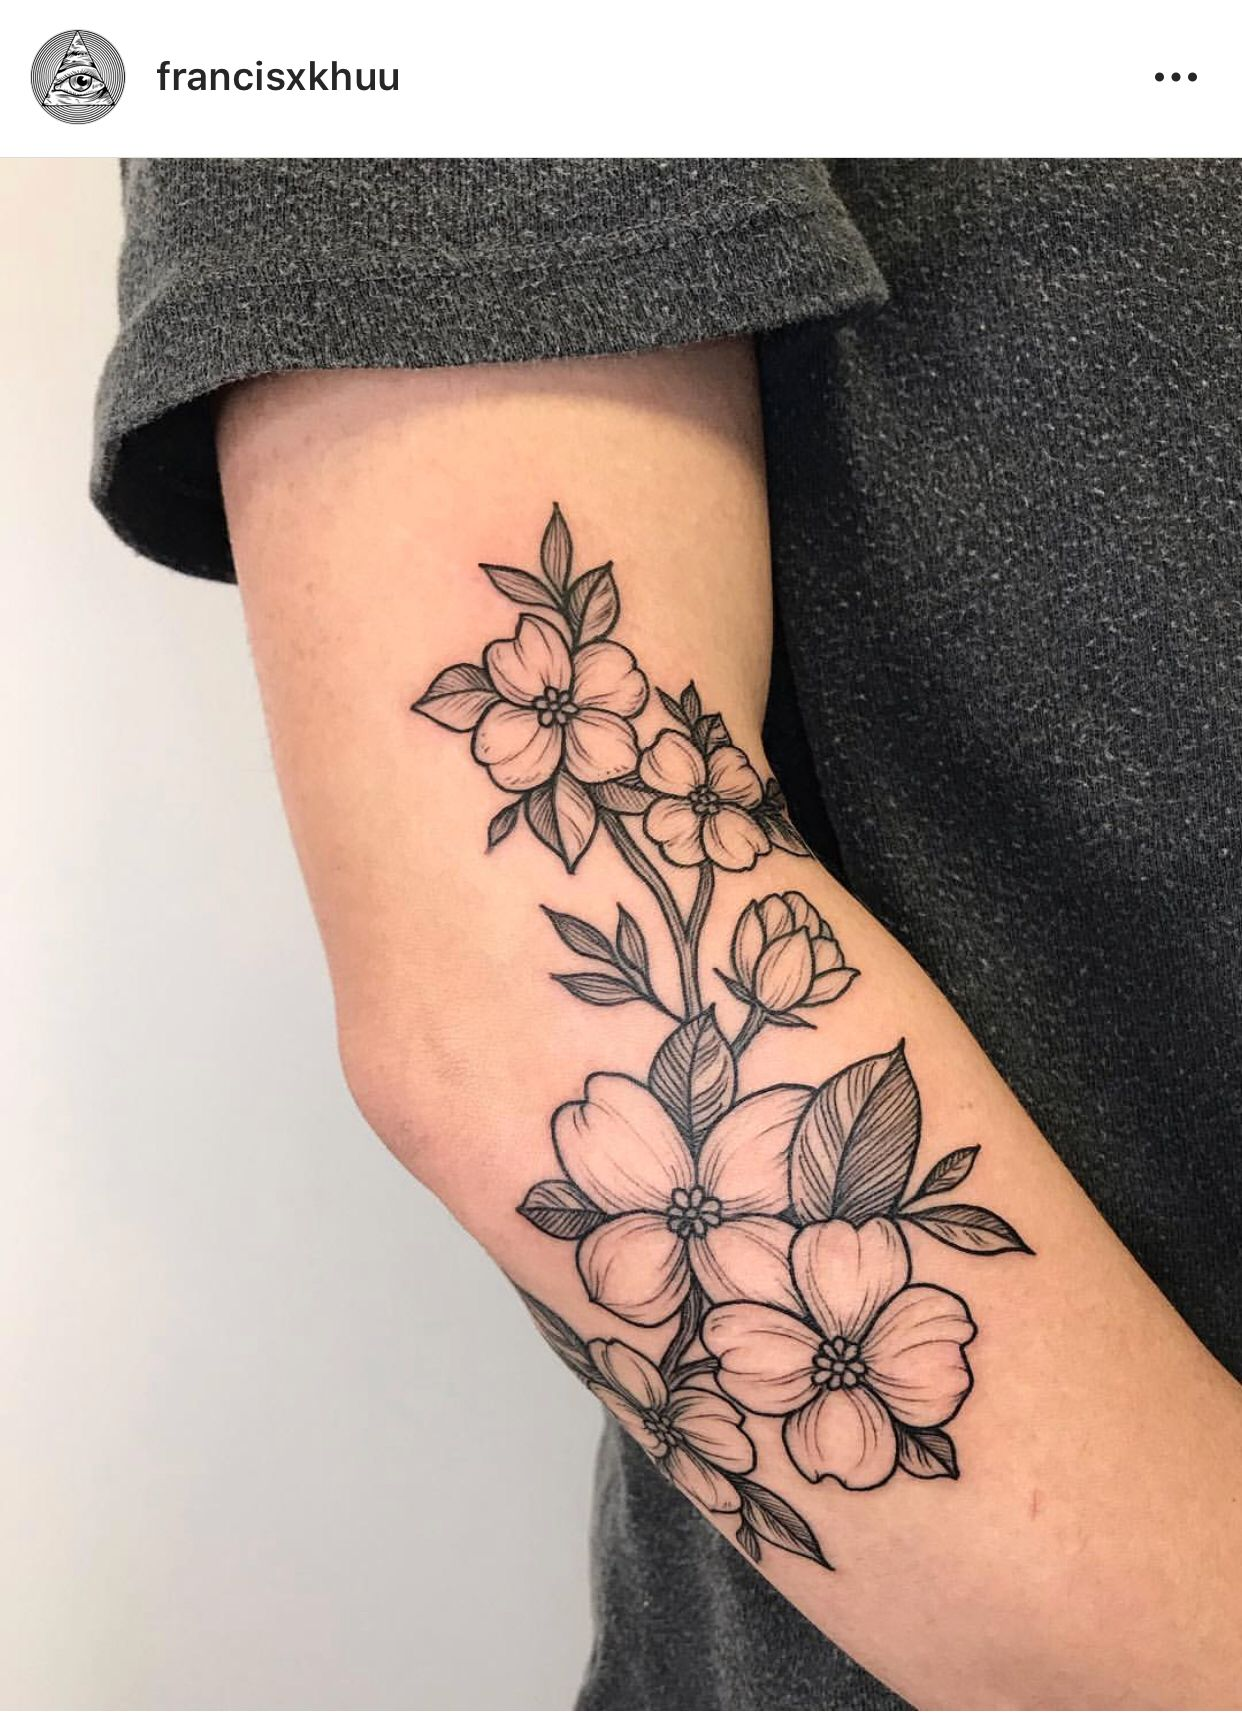 Fine linework tattoo blackwork tattoo artist floral arm